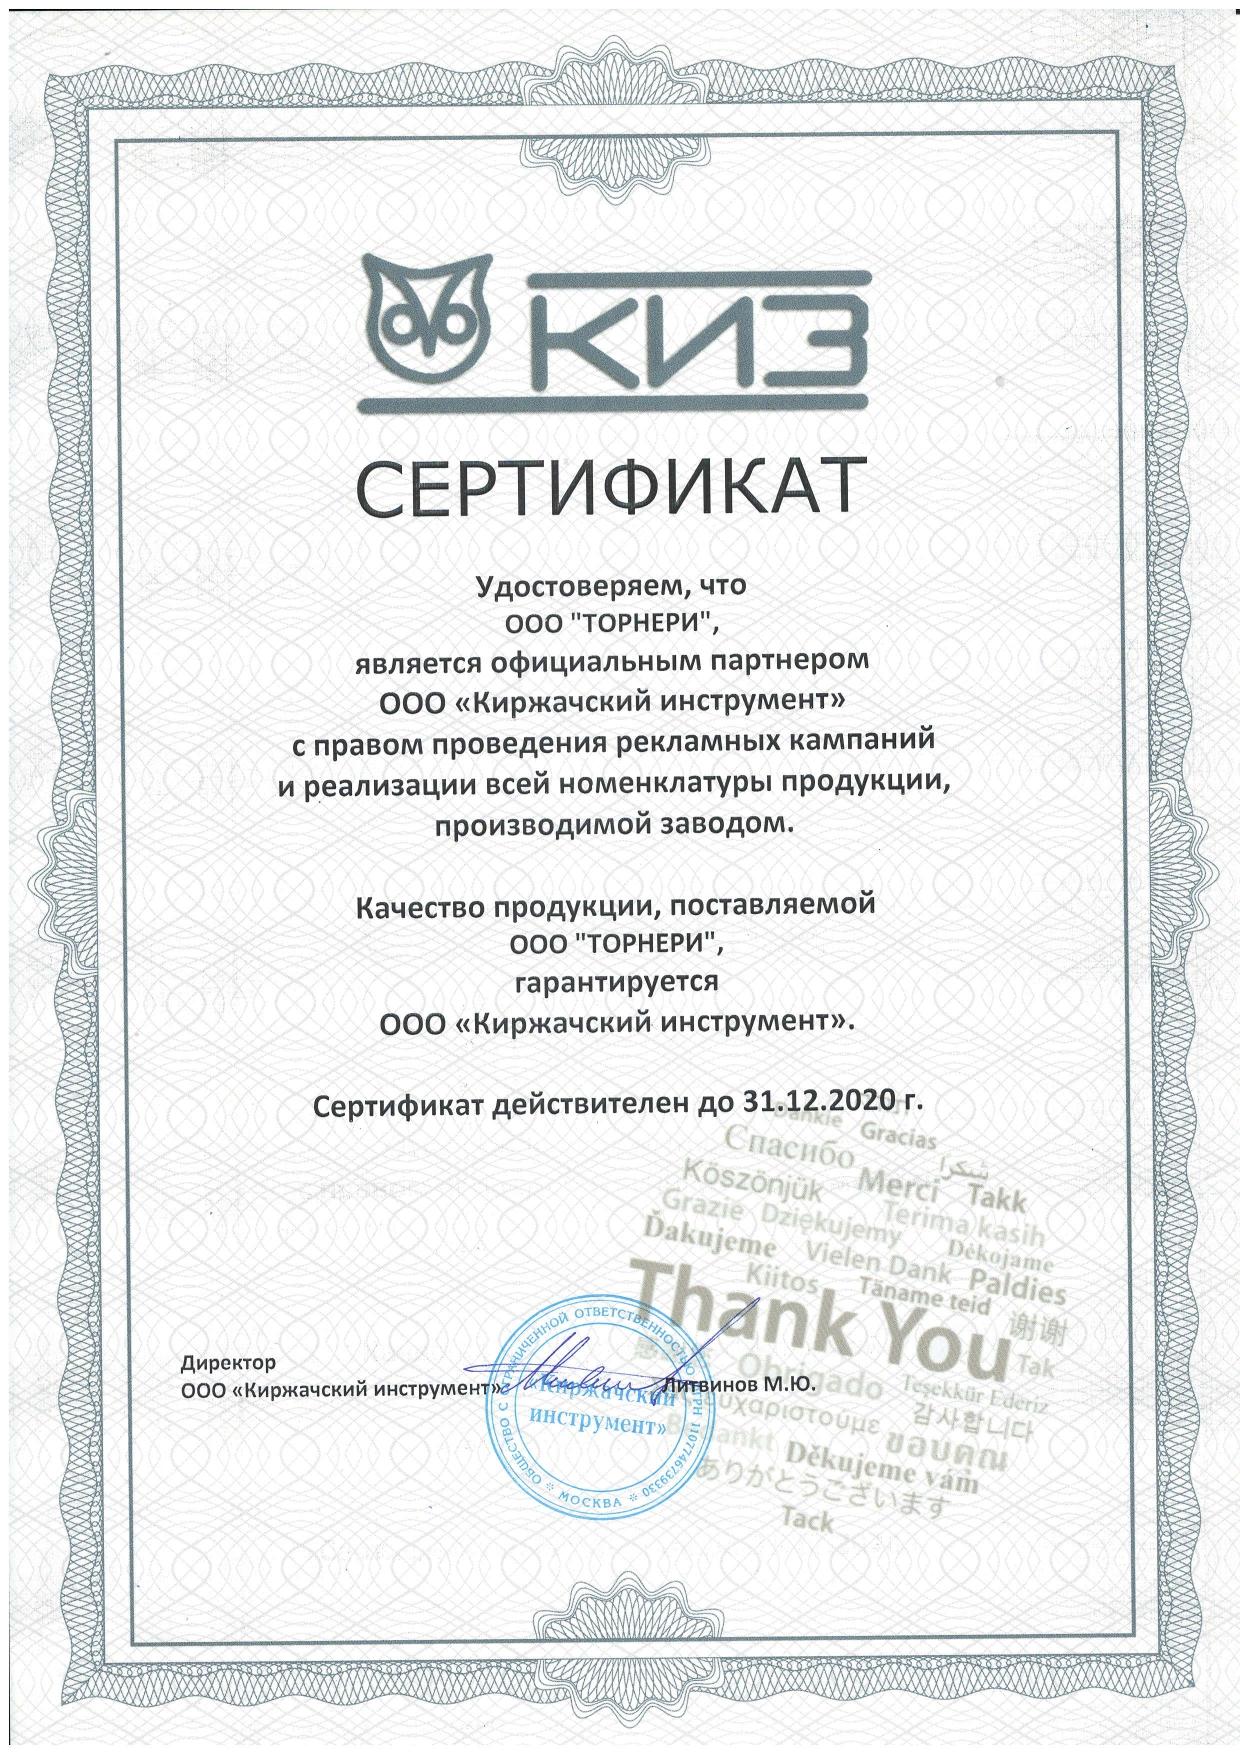 Сертификат дистрибьютора Киржачский инструмент